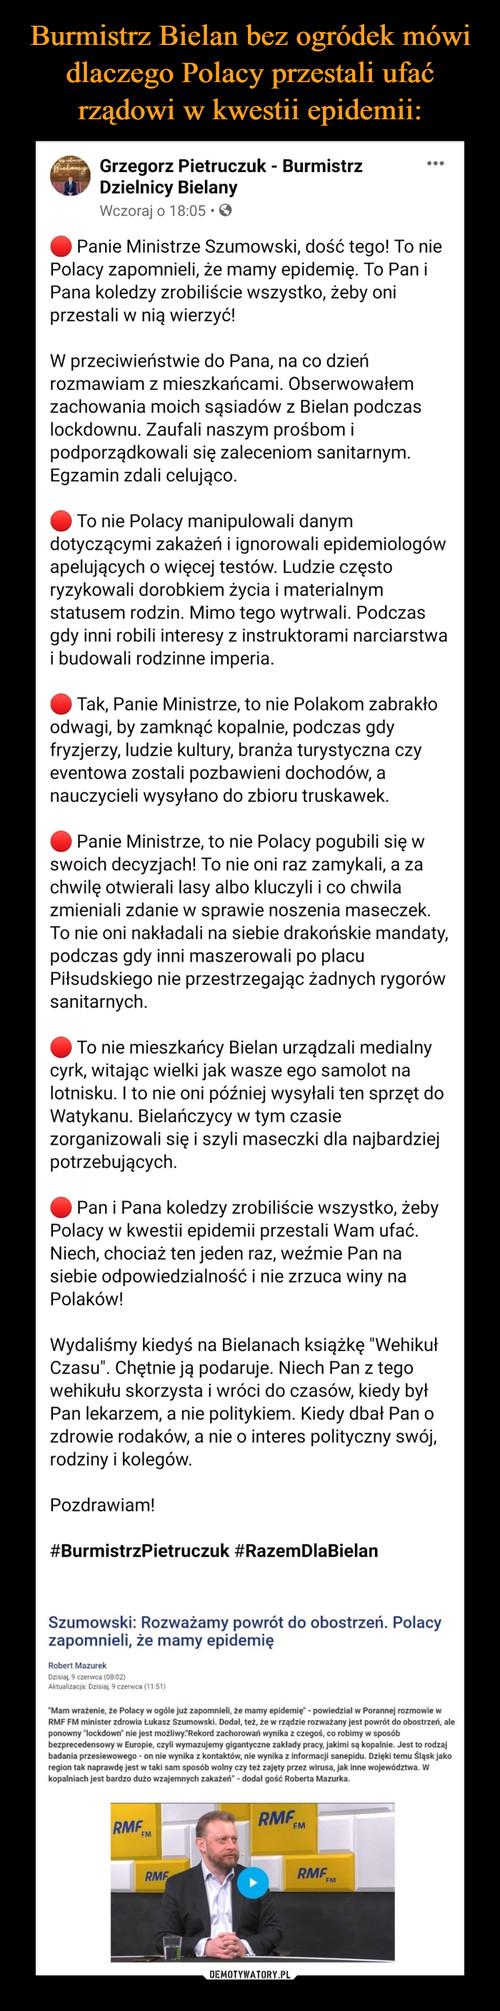 Burmistrz Bielan bez ogródek mówi dlaczego Polacy przestali ufać rządowi w kwestii epidemii: